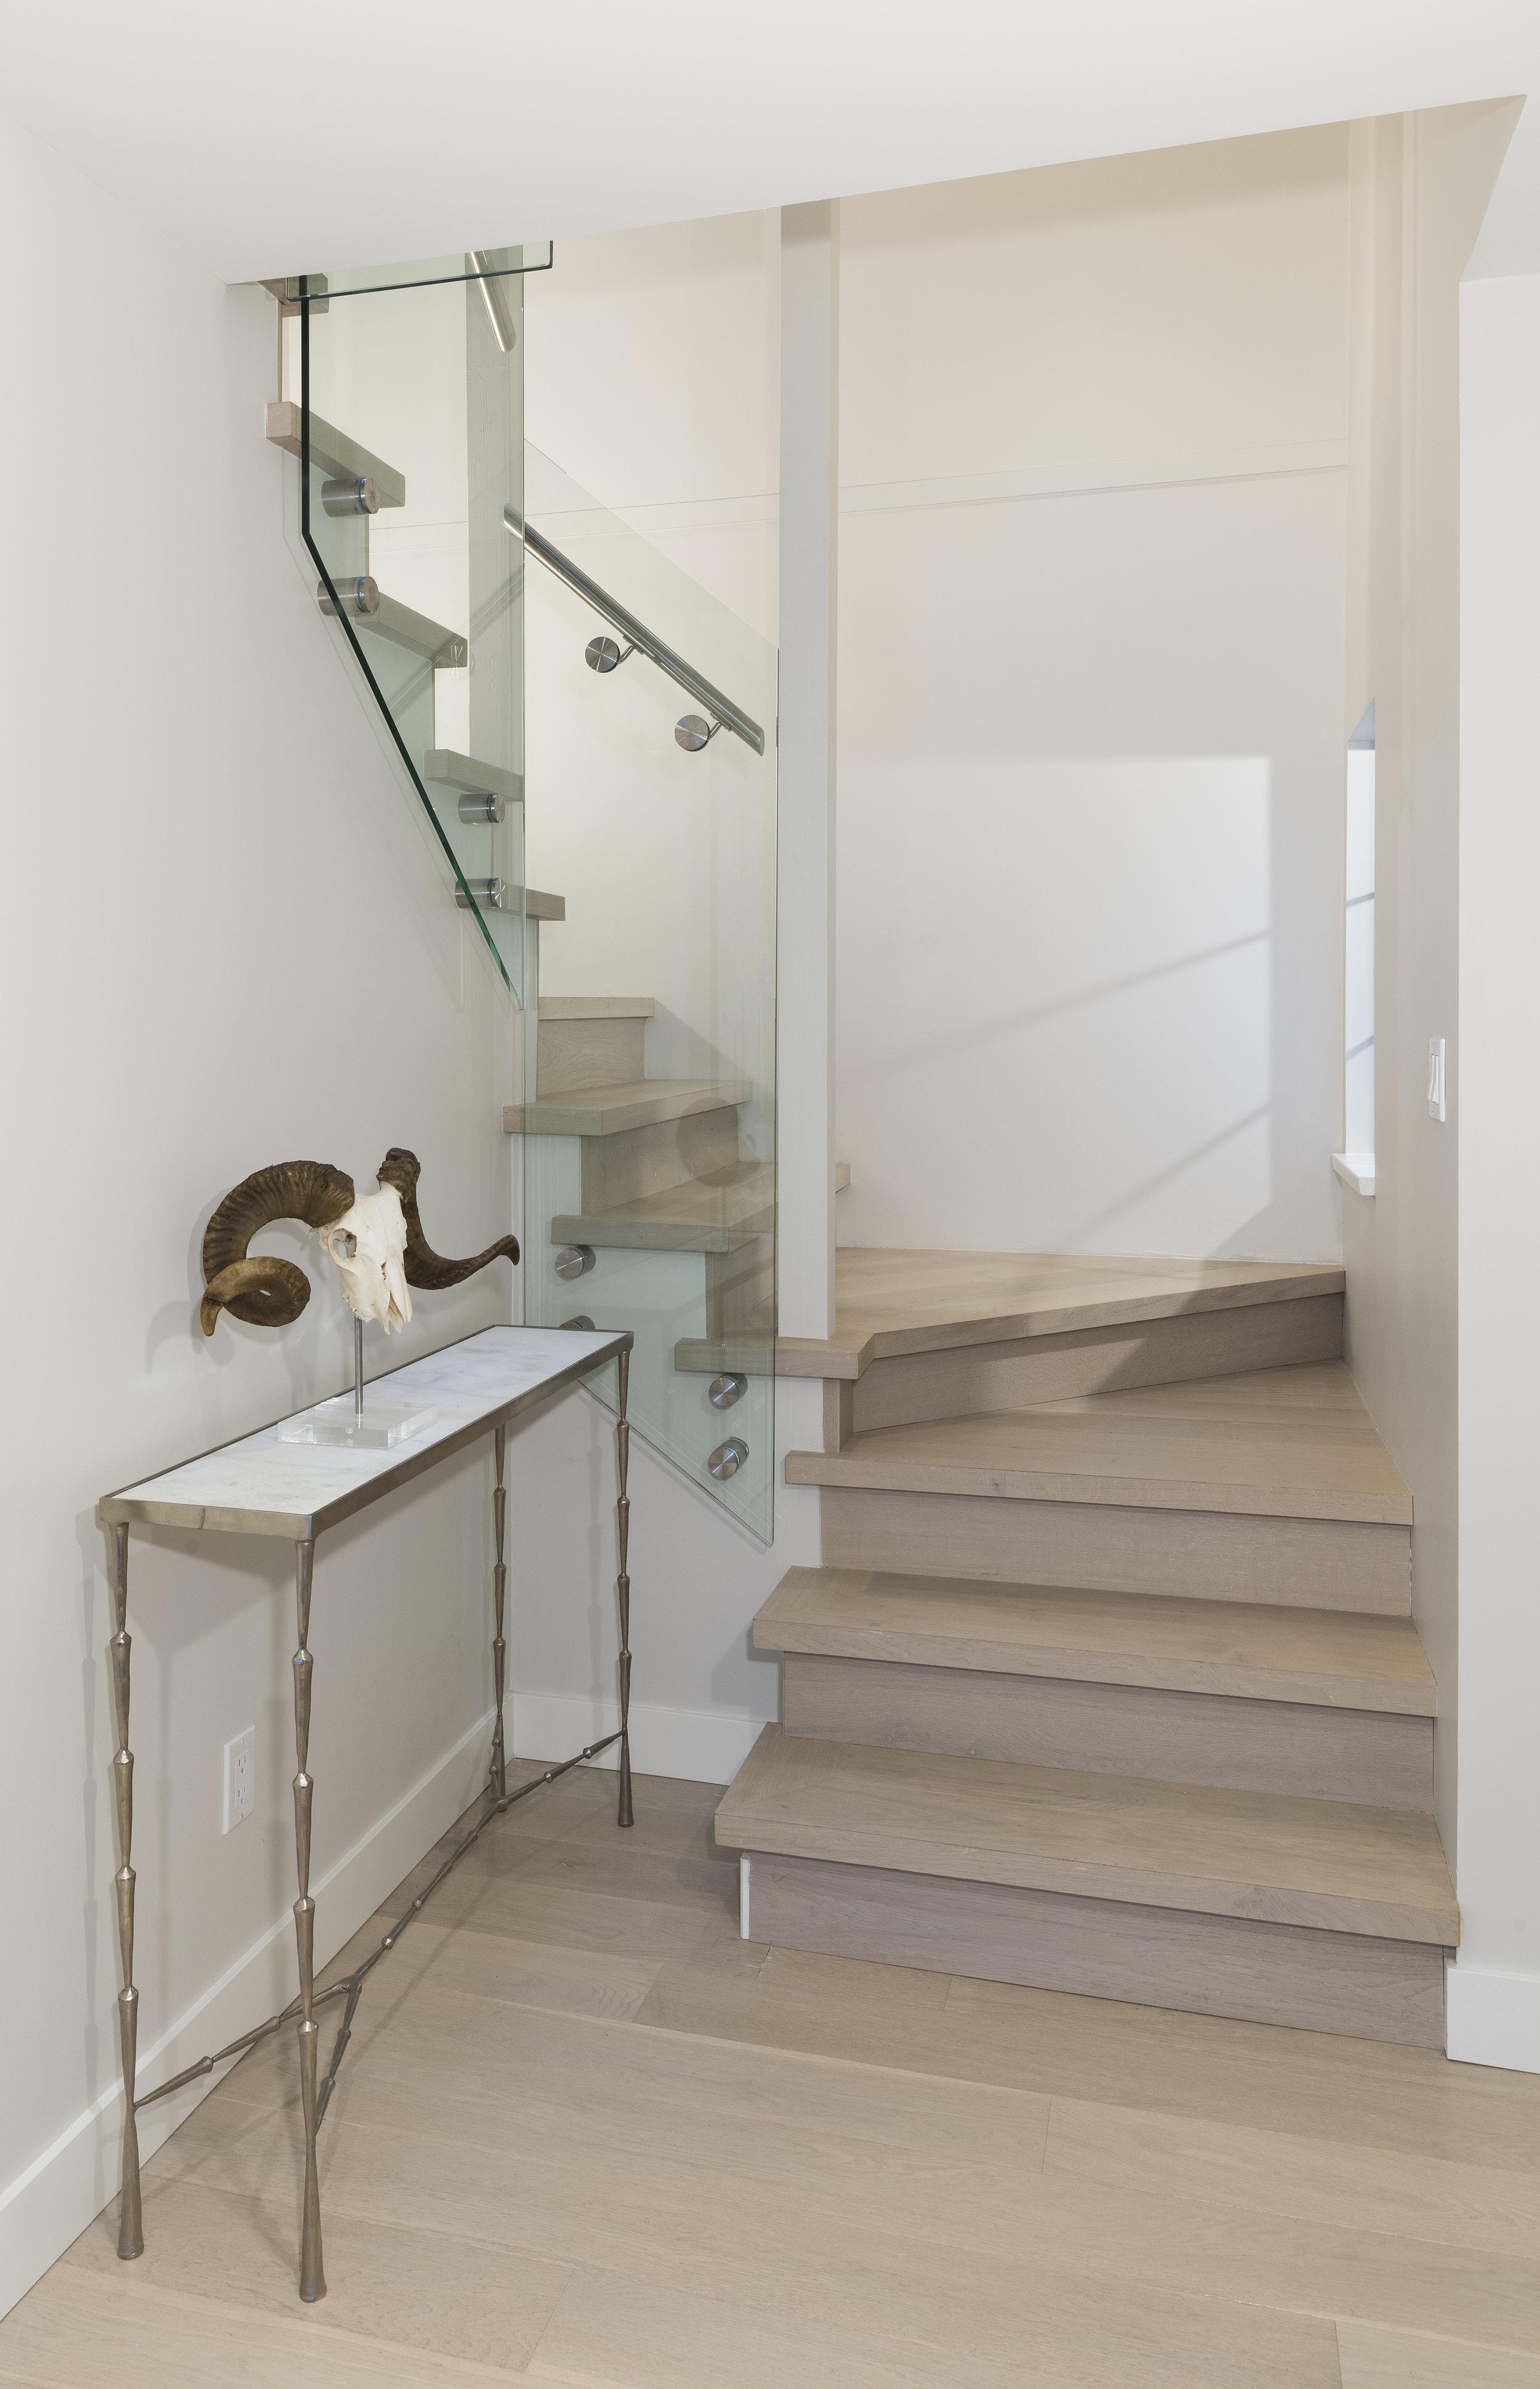 3639W2-Stairs-01A.jpg